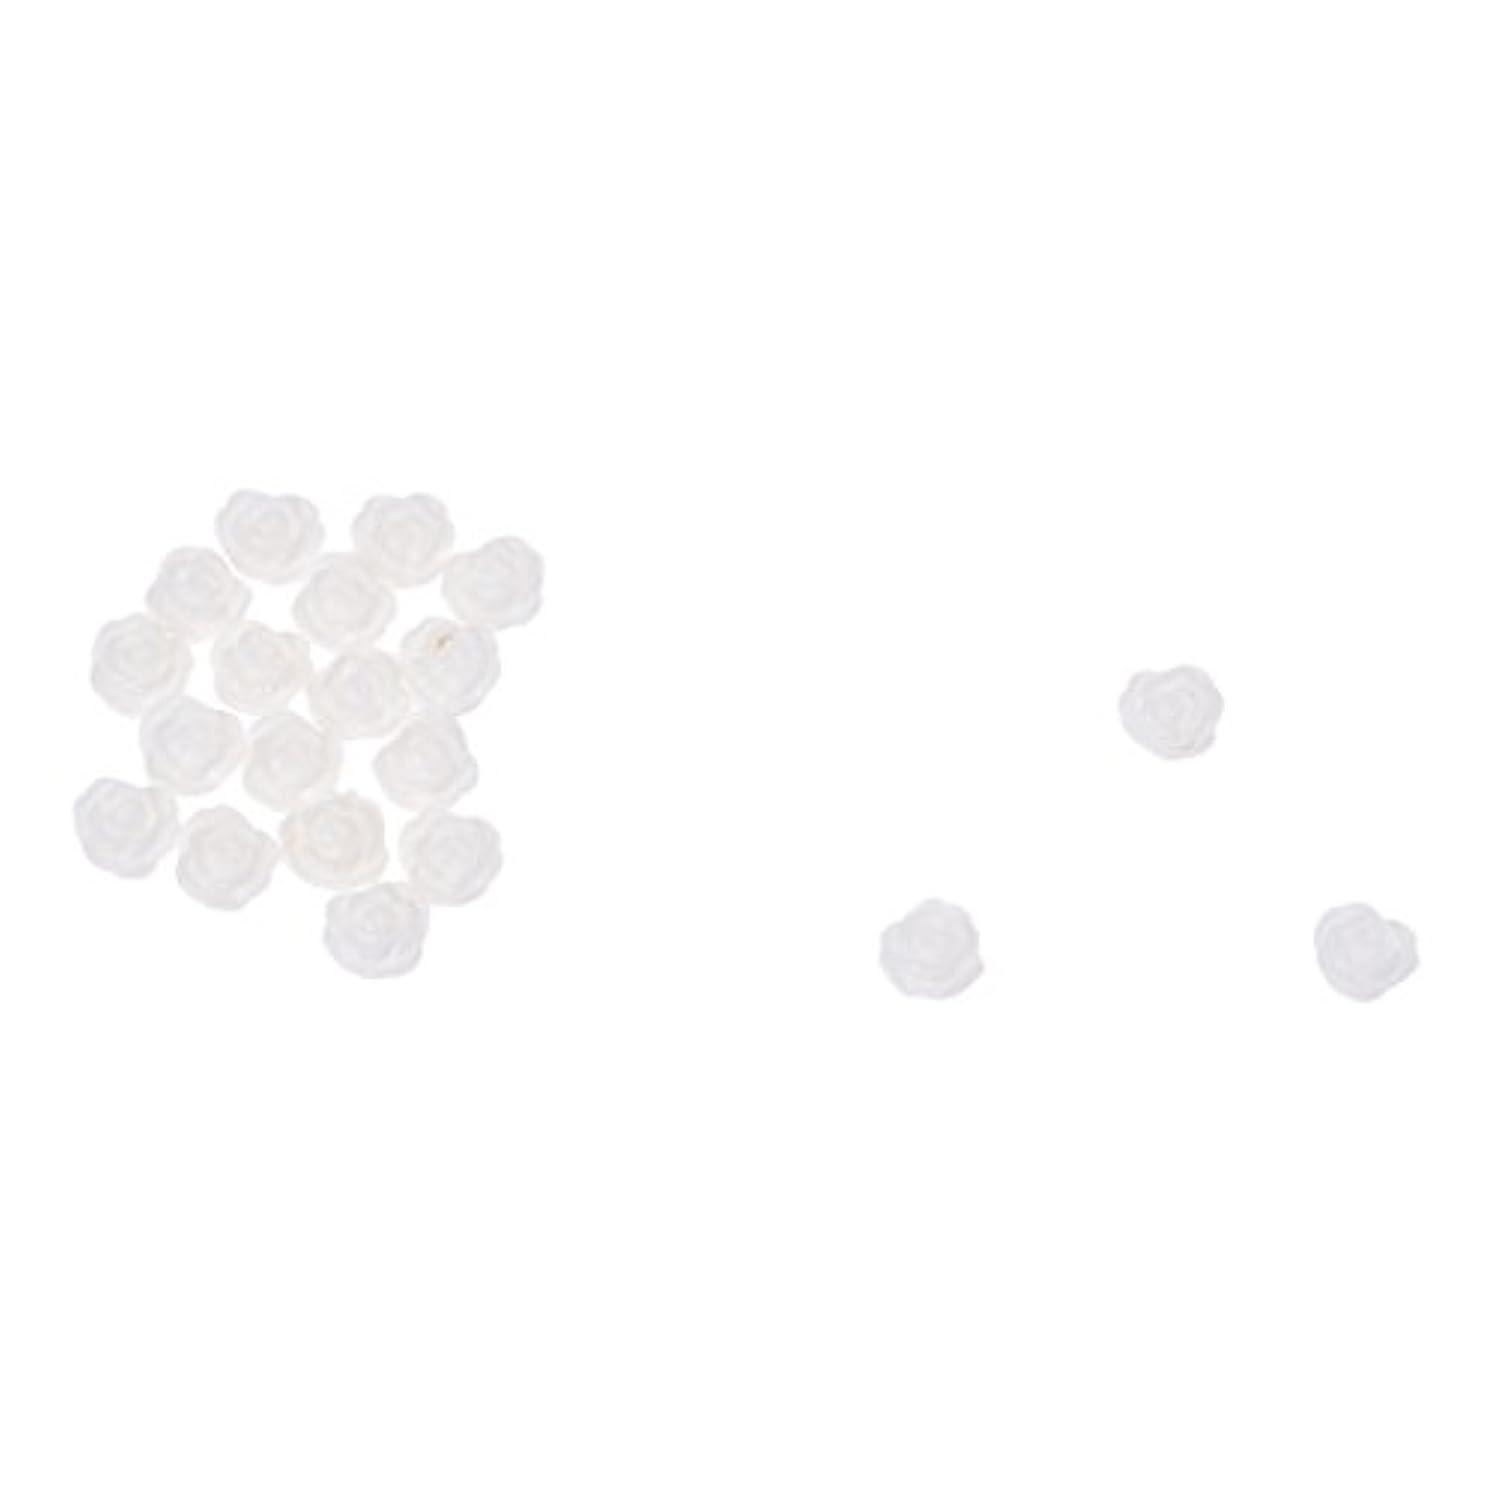 ソート保守的でもACAMPTAR ACAMPTAR(R)20×アクリル 3D 白い花 スライスネイルアートヒント UVジェル DIYデコレーション